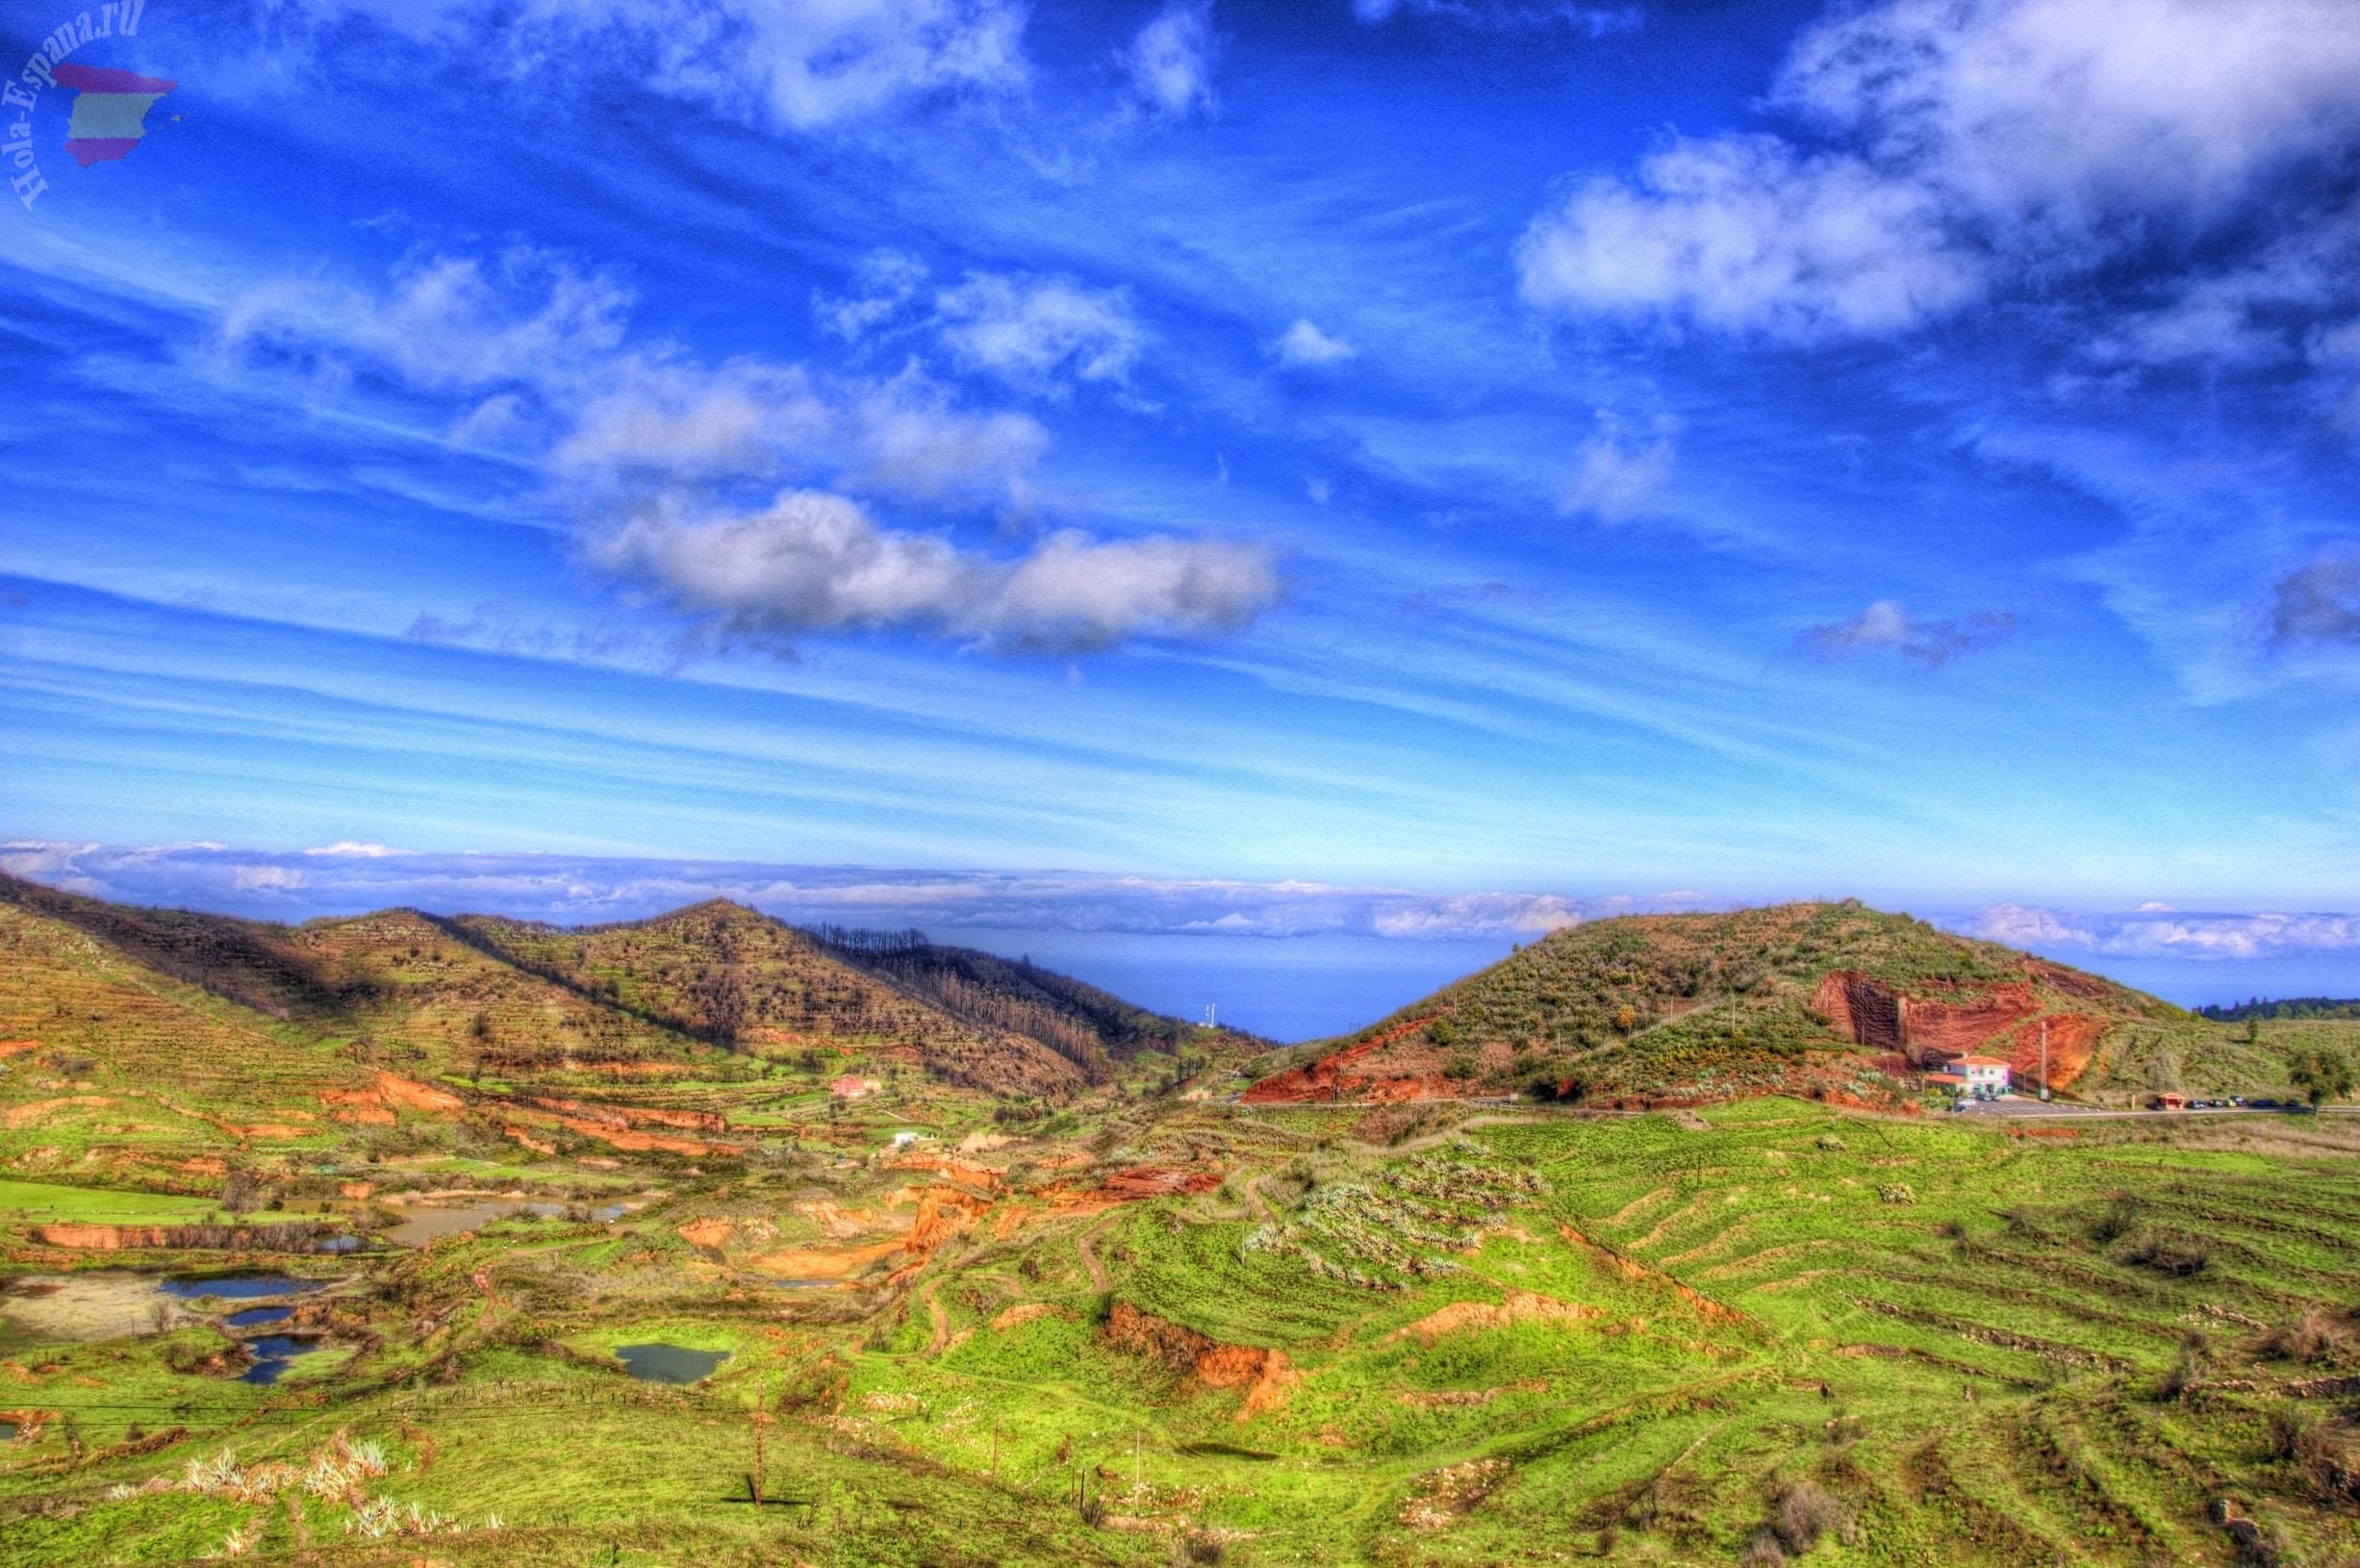 Знаменитый курорт Канарских островов